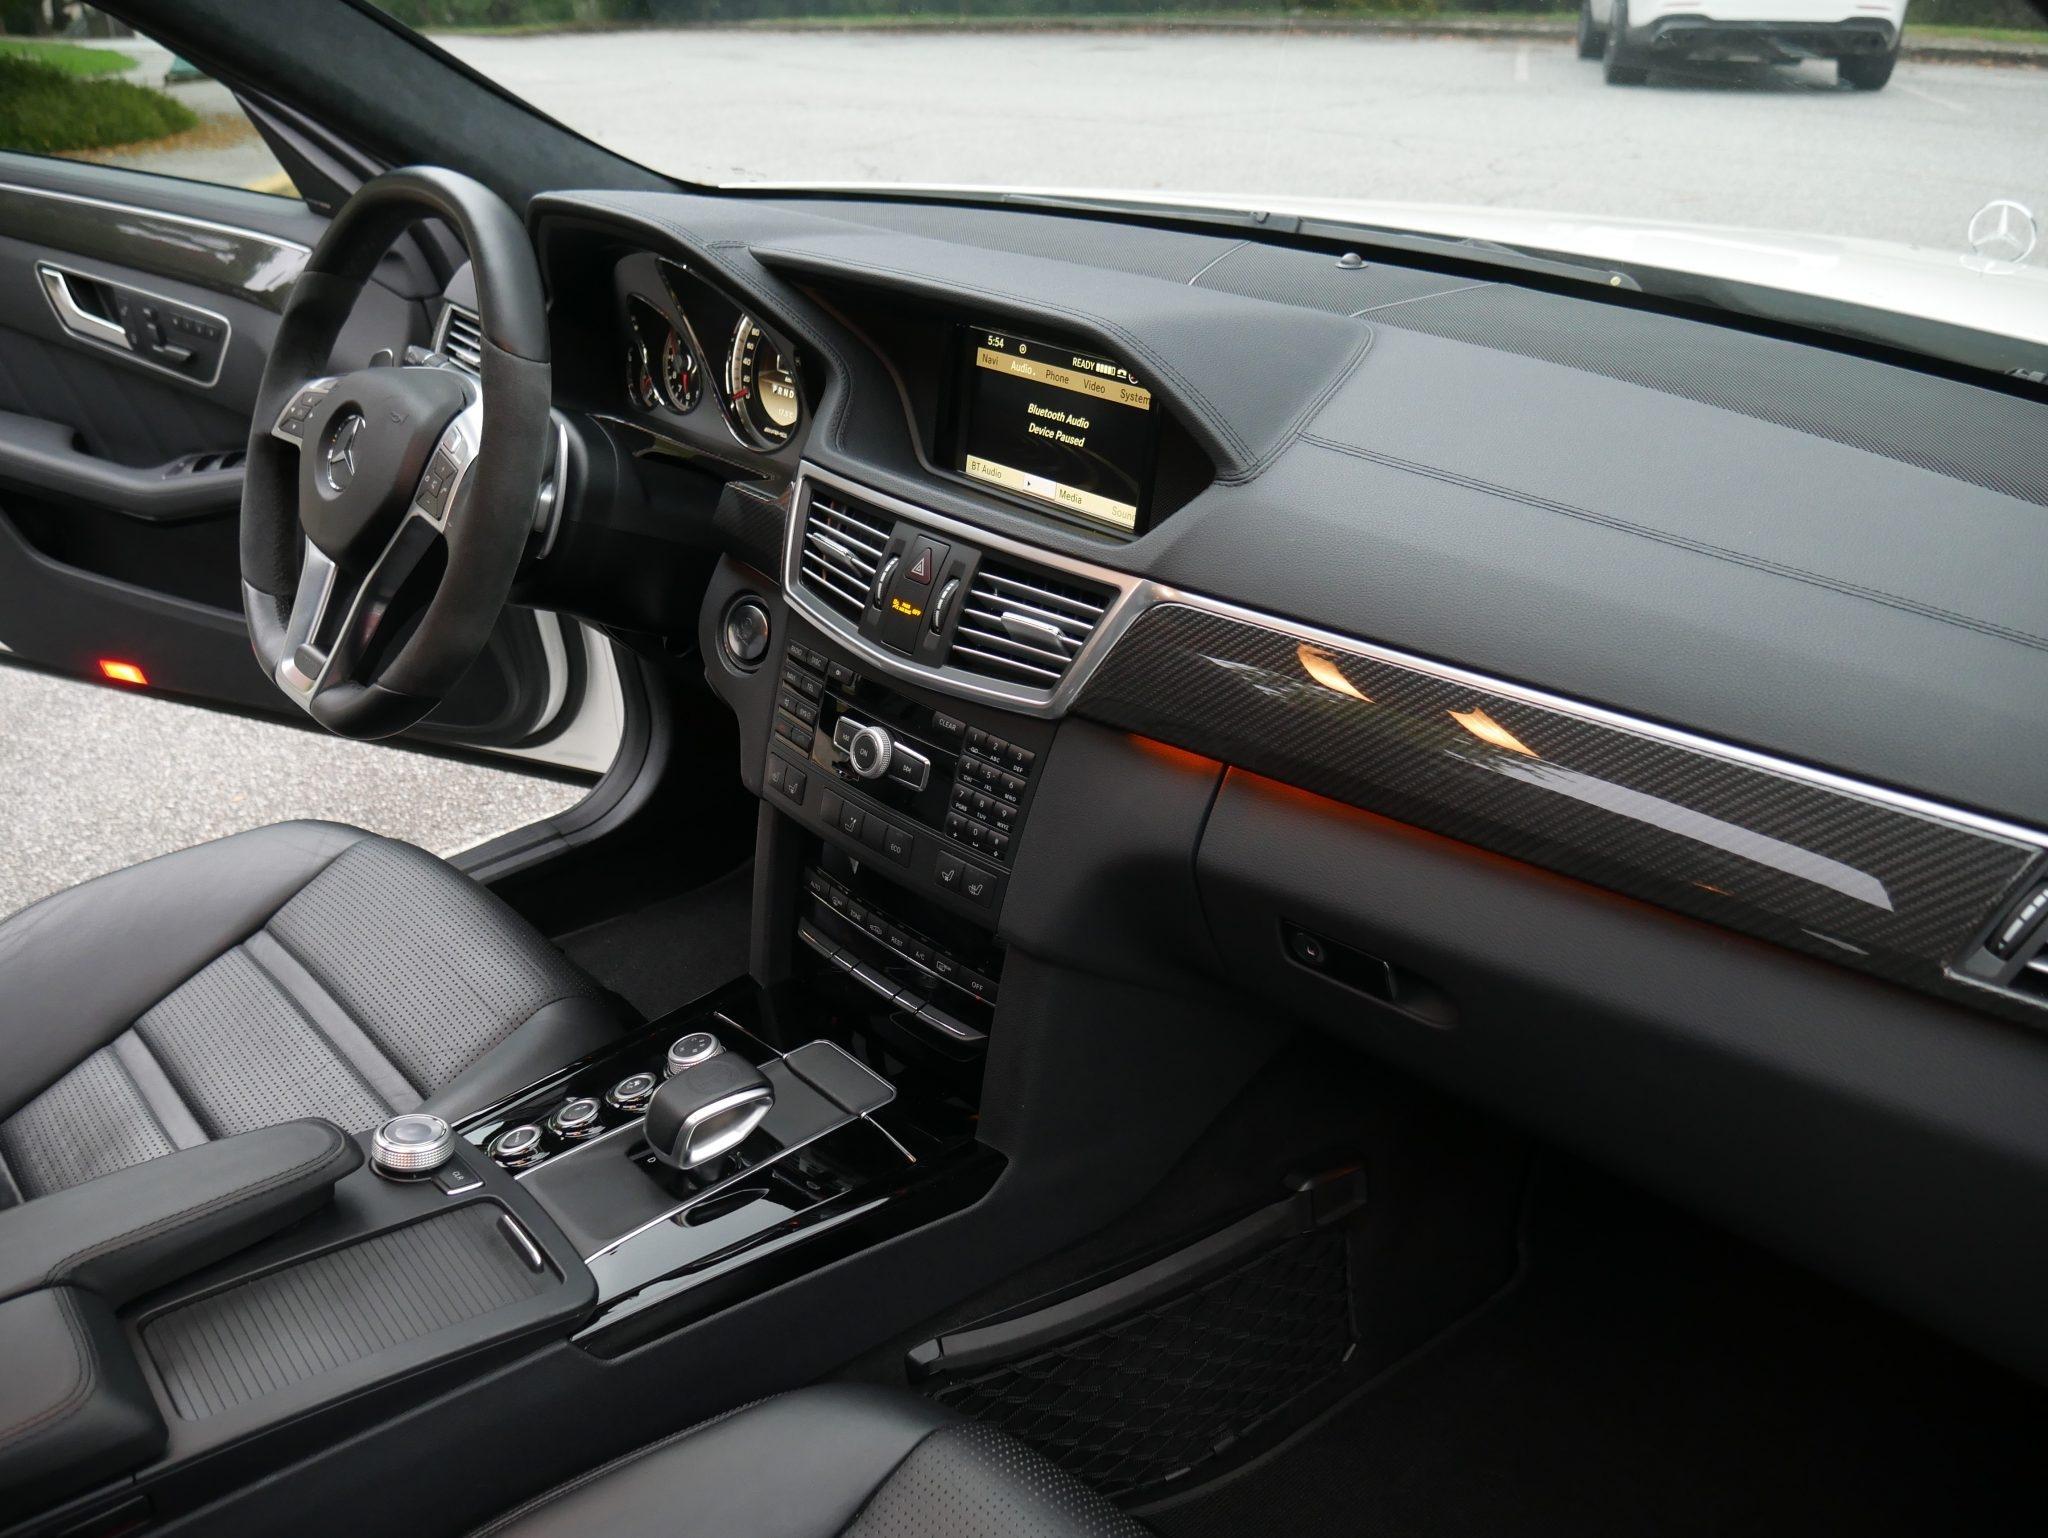 Mercedes-Benz E 63 AMG Wagon 2012 asta